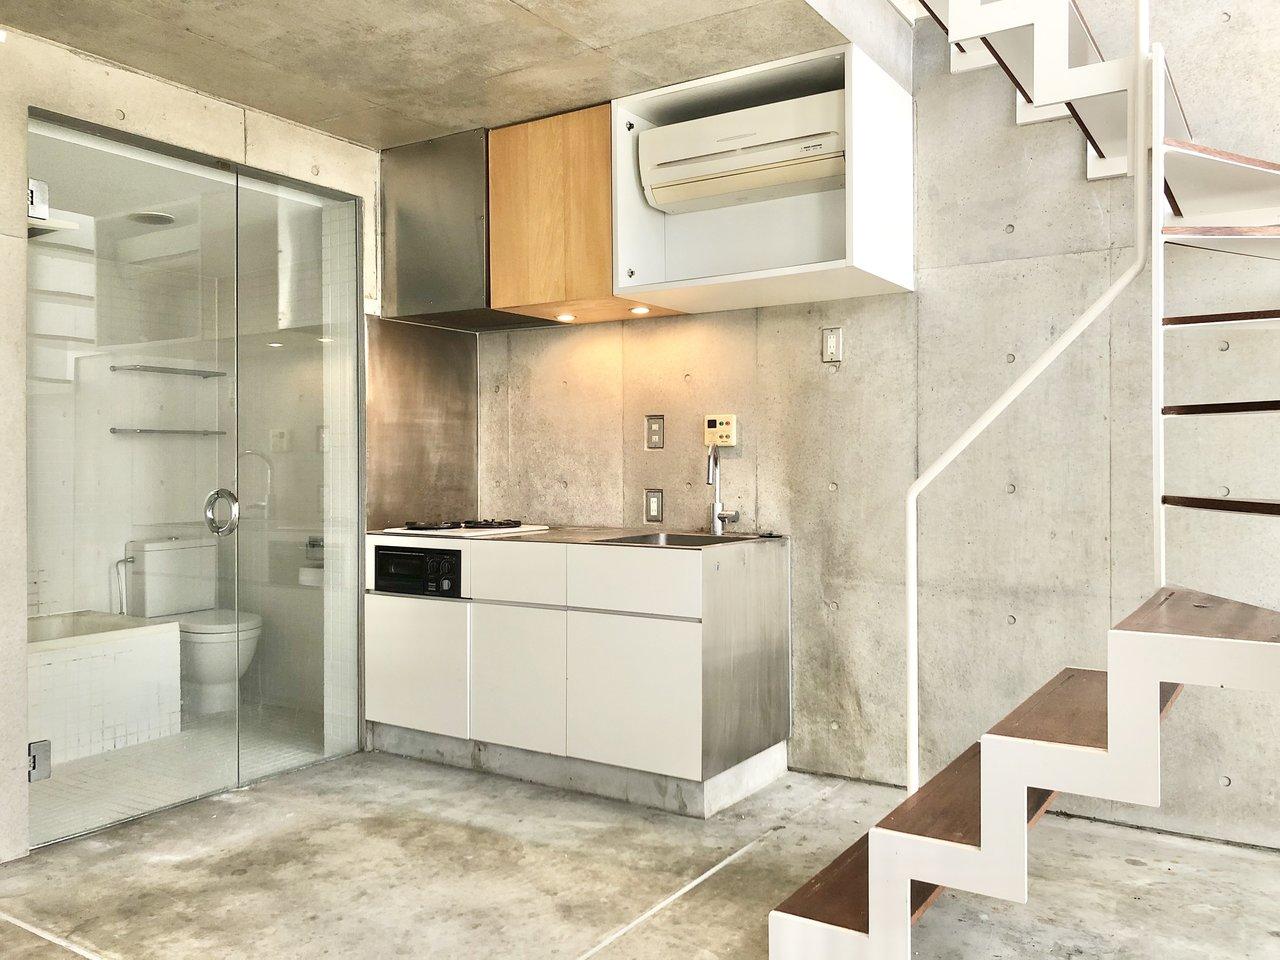 下の階はキッチンと、トイレやお風呂などの水回りがあり、ここがリビングスペースになりそう。すべて床・壁がコンクリート打ちっ放し、水回りはなんとシースルータイプになっています。まるで外国にいるかのような気分になれるお部屋です。